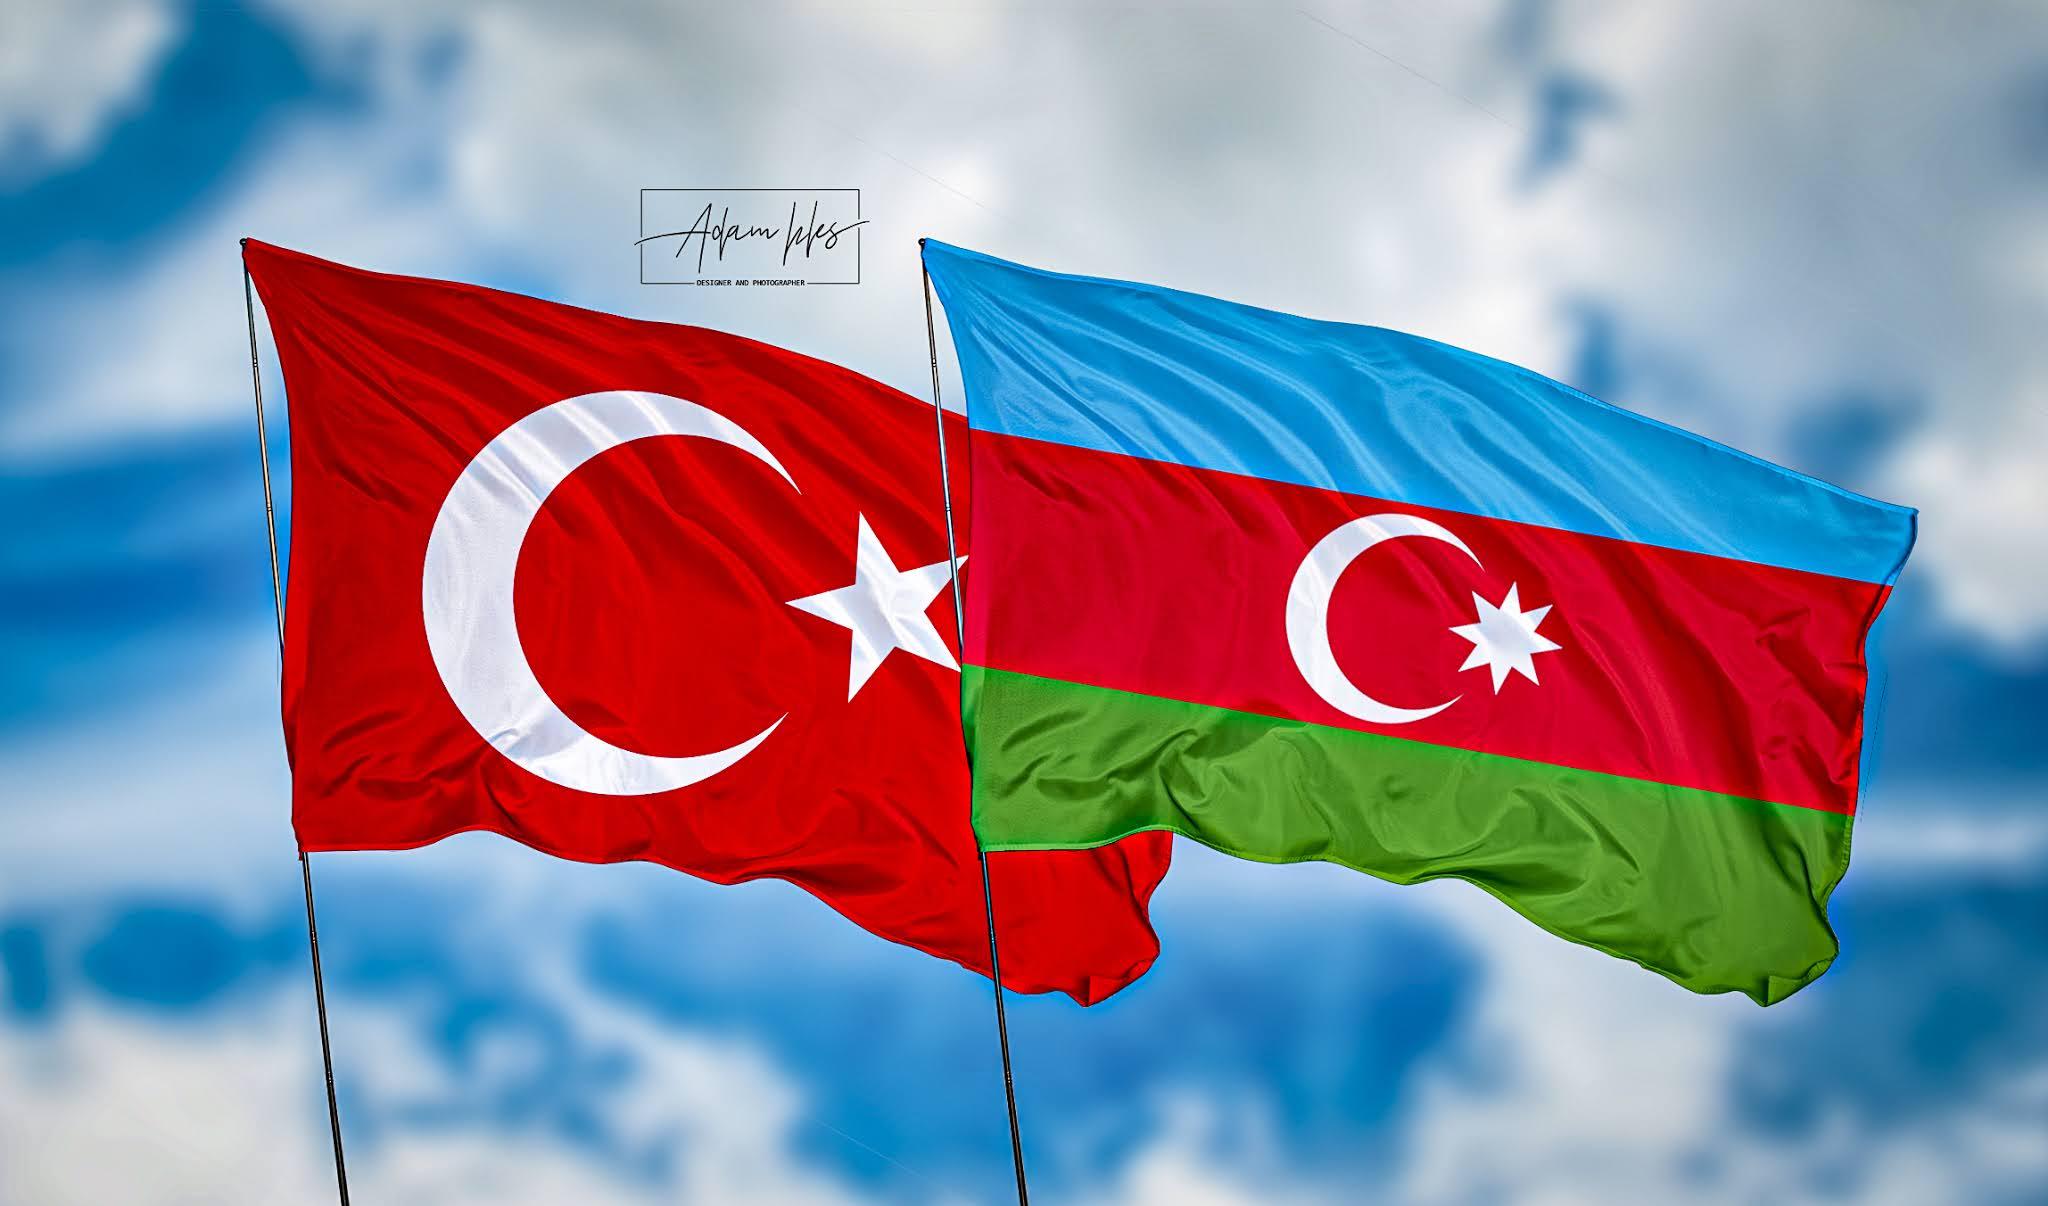 اجمل خلفية تركيا مع اذربيجان خلفيات رائعة اعلام دولة تركيا ودولة اذربيجان